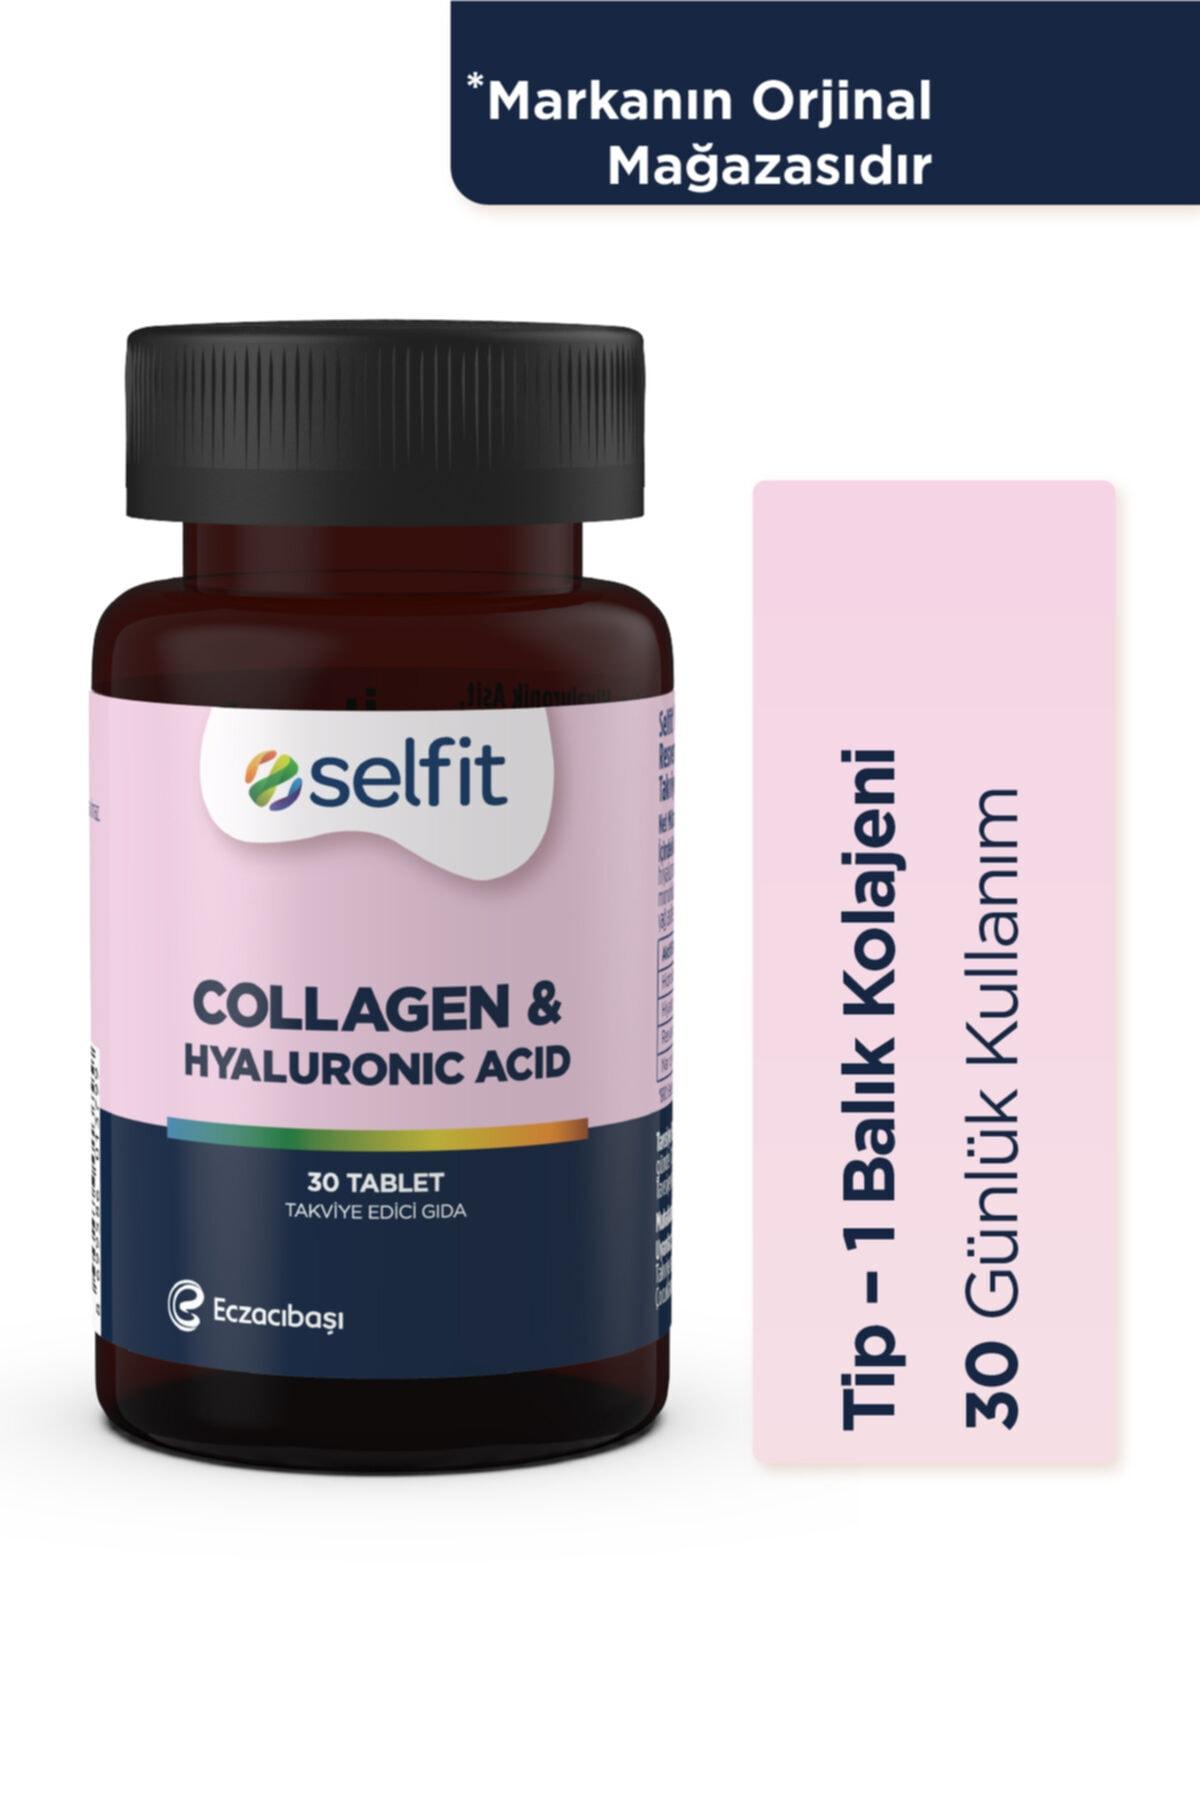 Eczacıbaşı Selfit Collagen & Hyaluronic Acid 30 Tablet -  Son Kullanma Tarihi: 02.2023 1